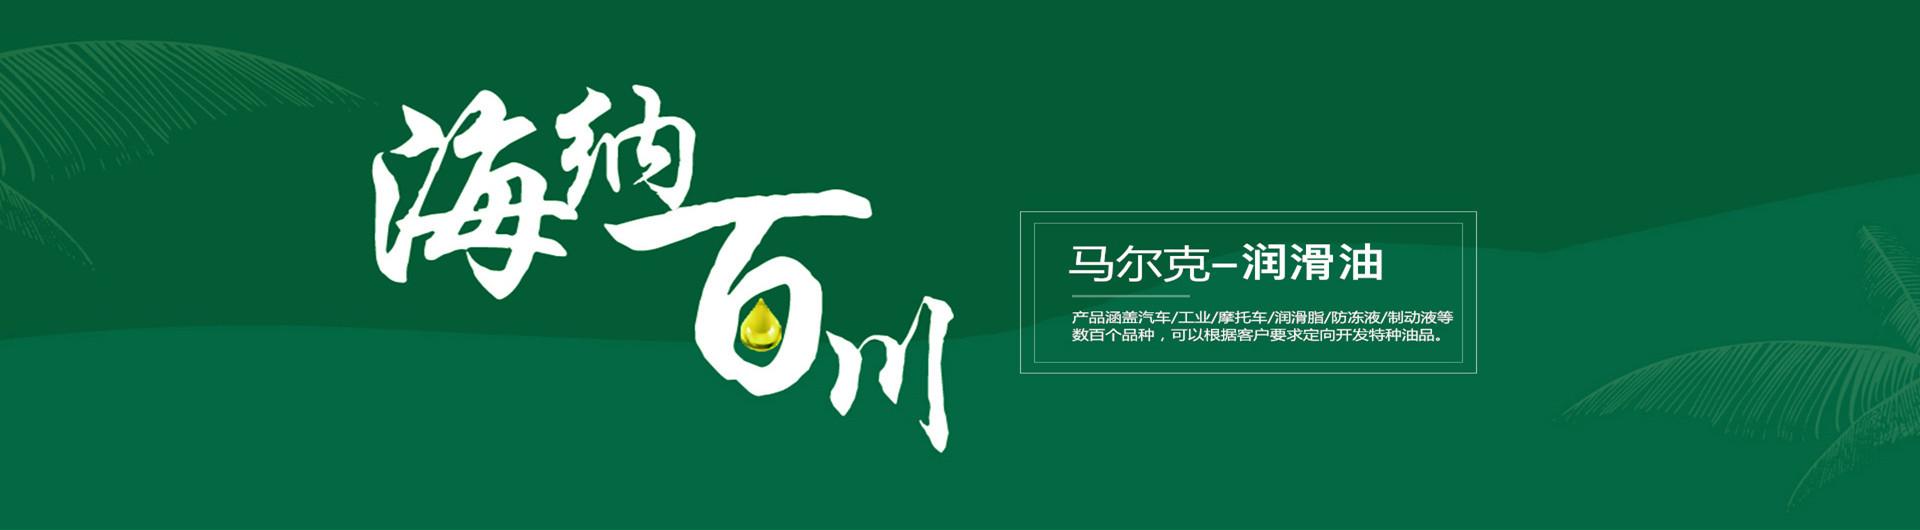 u优乐娱乐品牌